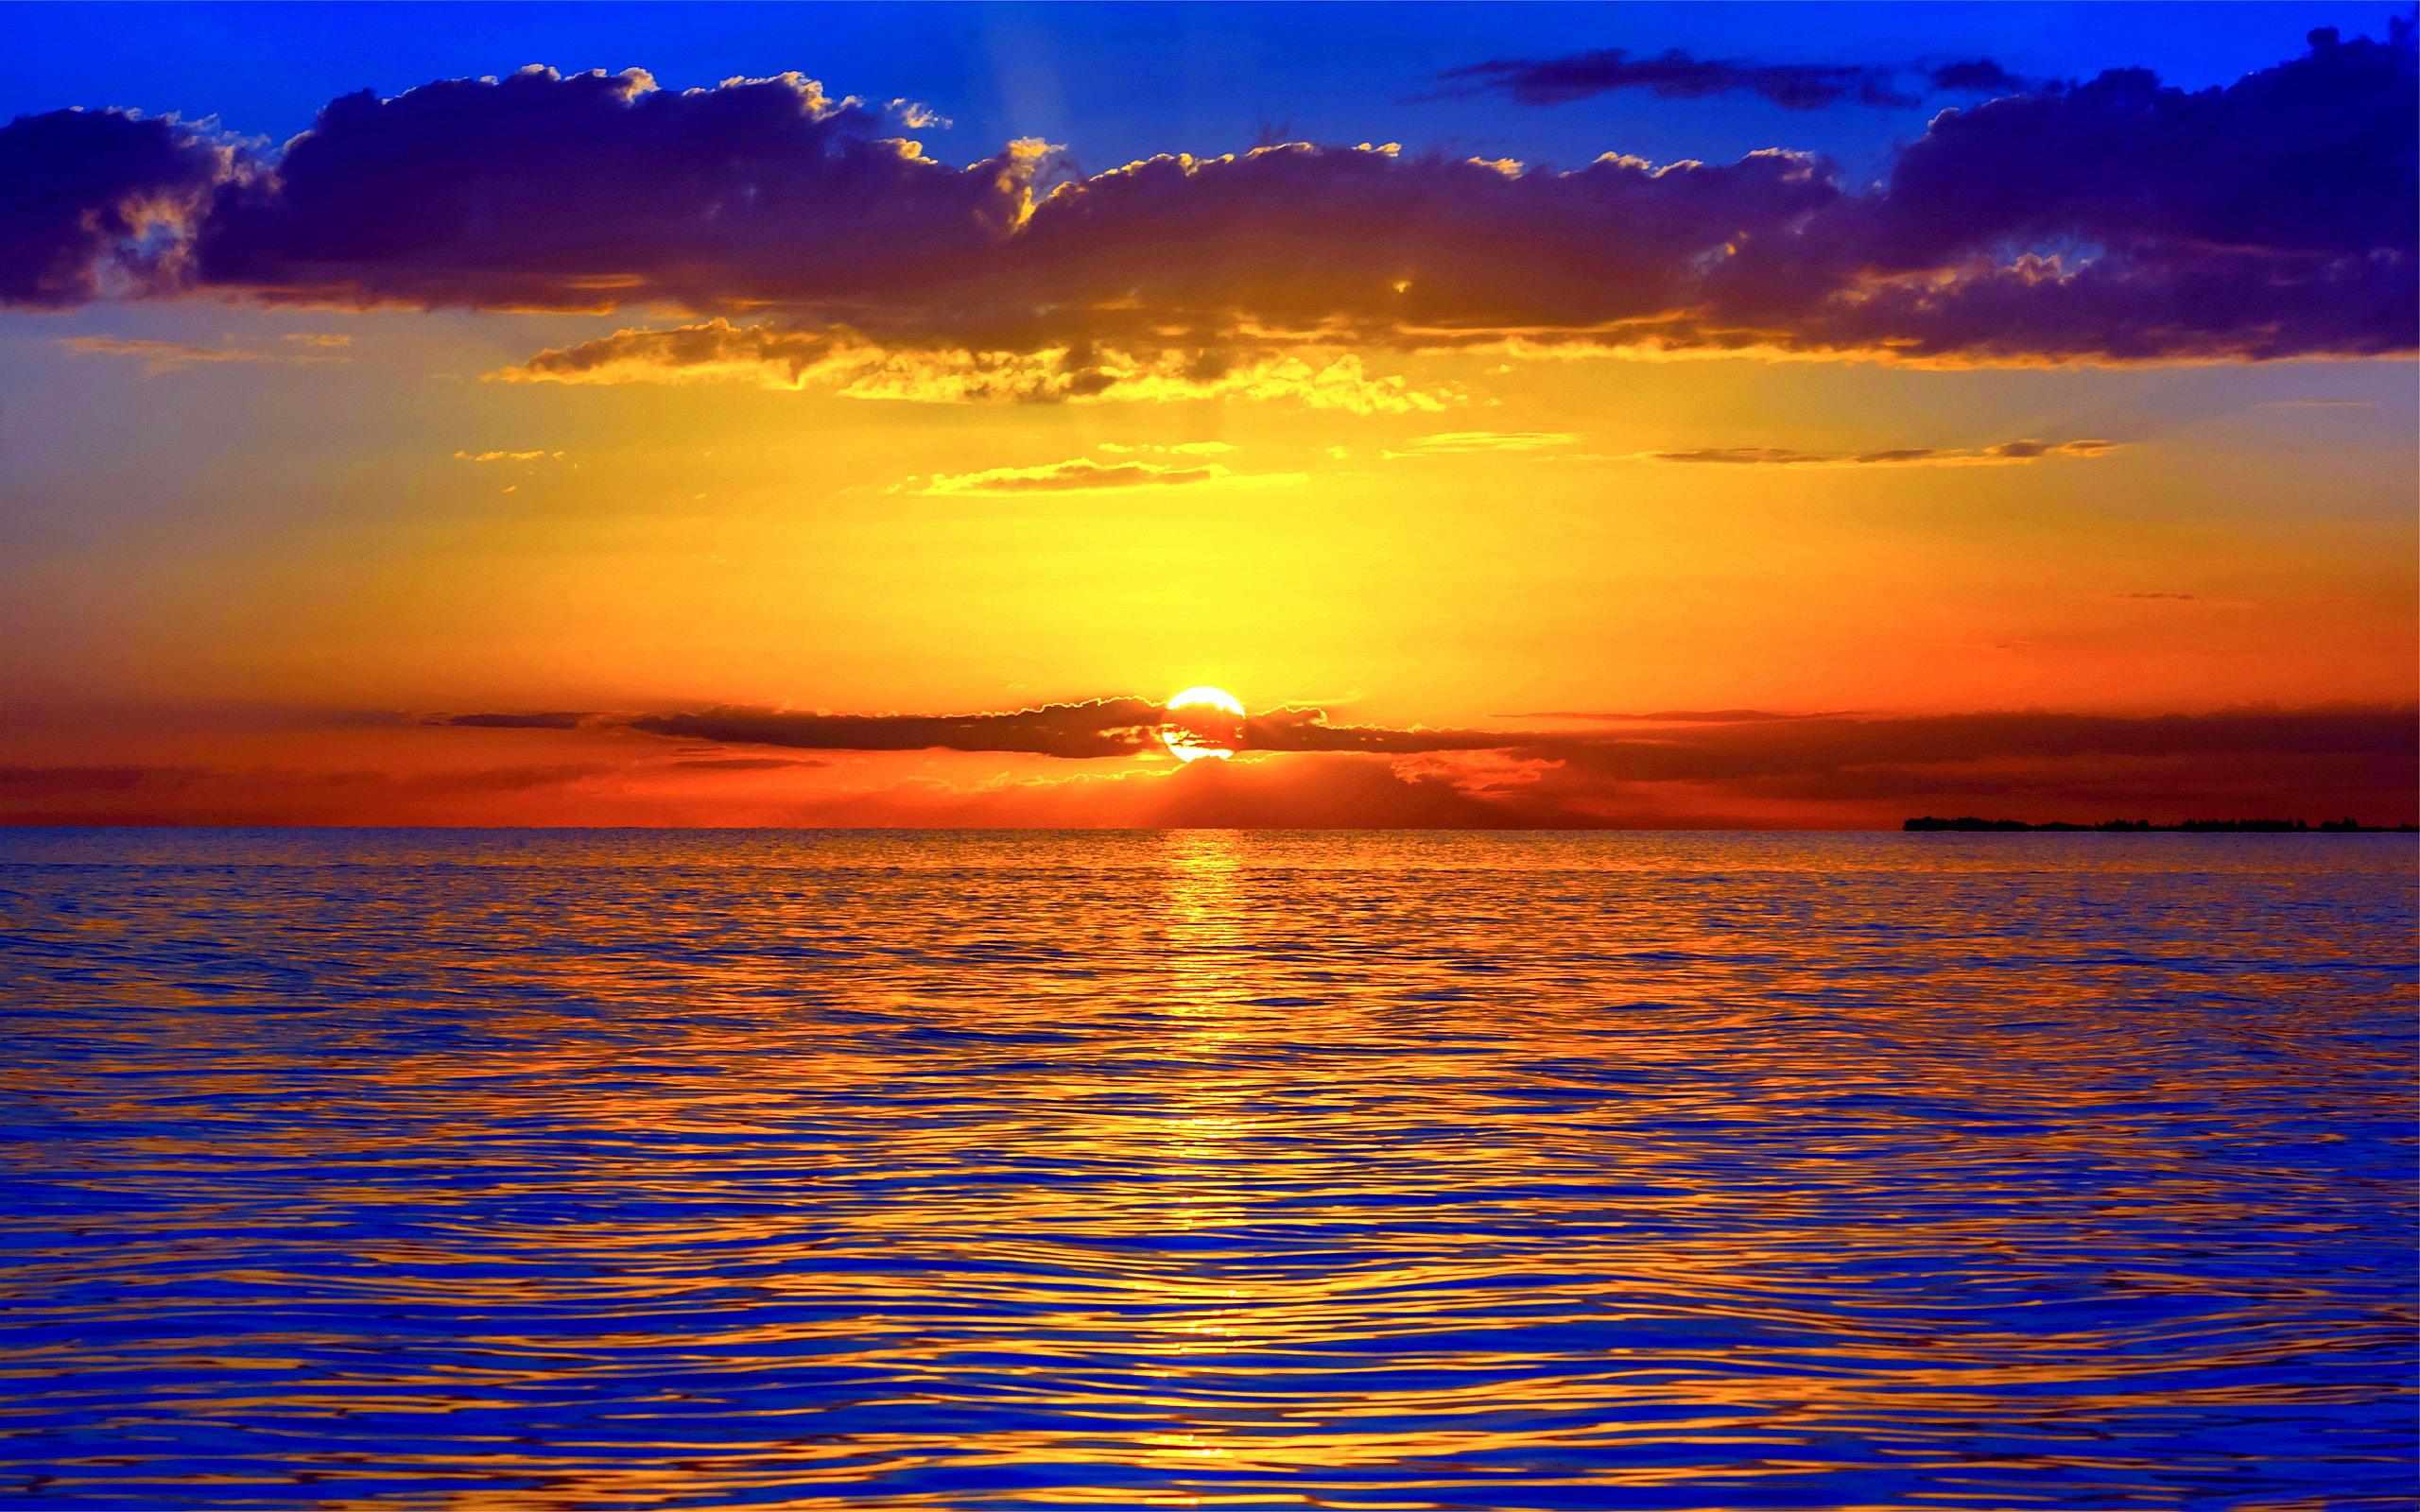 صور جمال غروب الشمس , من اجمل المناظر الطبيعية